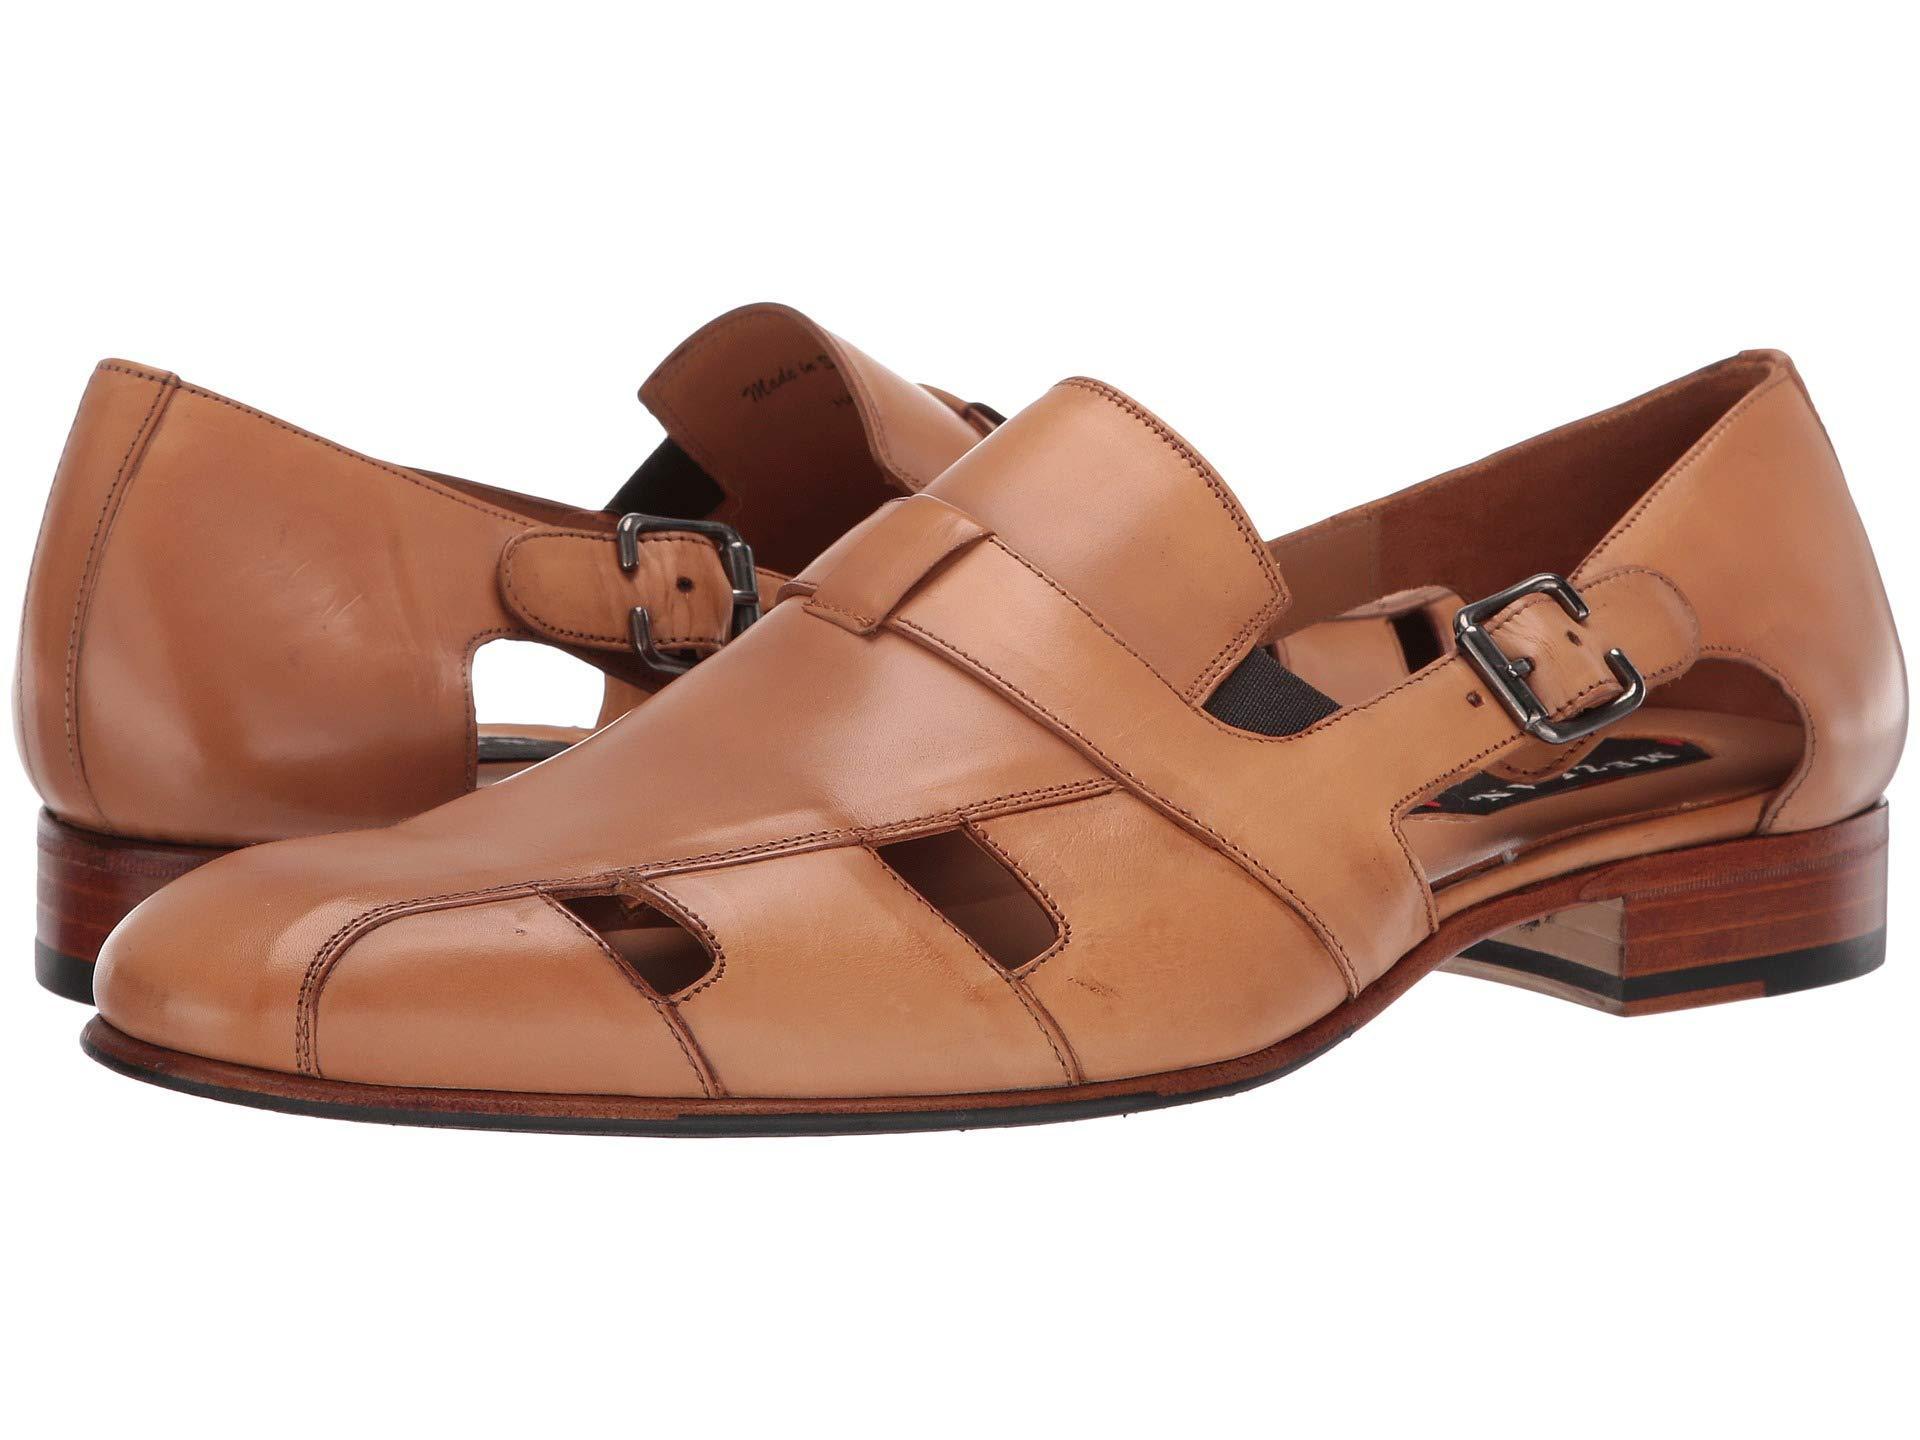 5f5c82d0a61f6 Mezlan shoes amazon